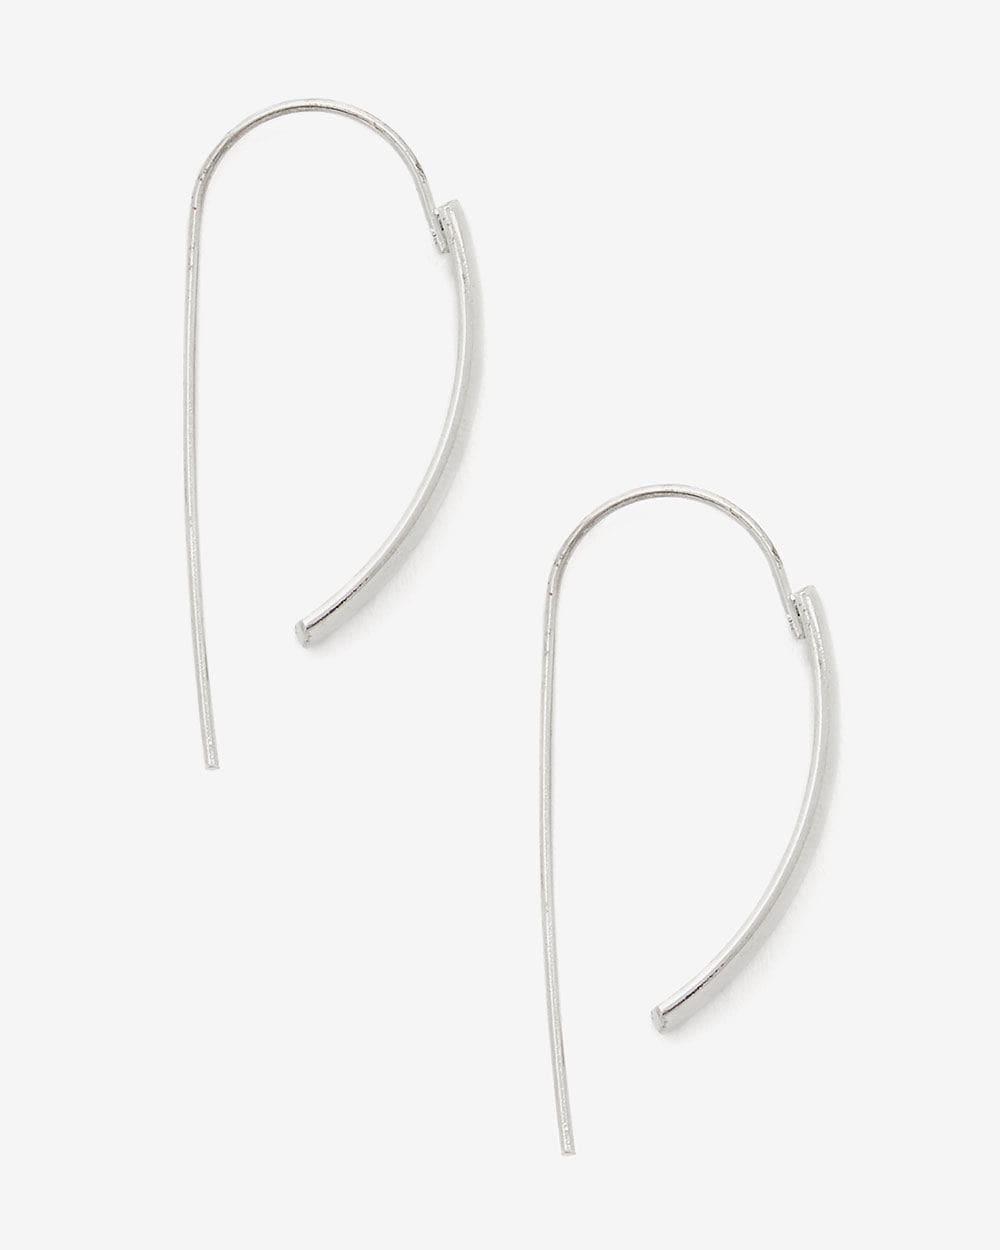 Boucles d'oreilles avant-arrière